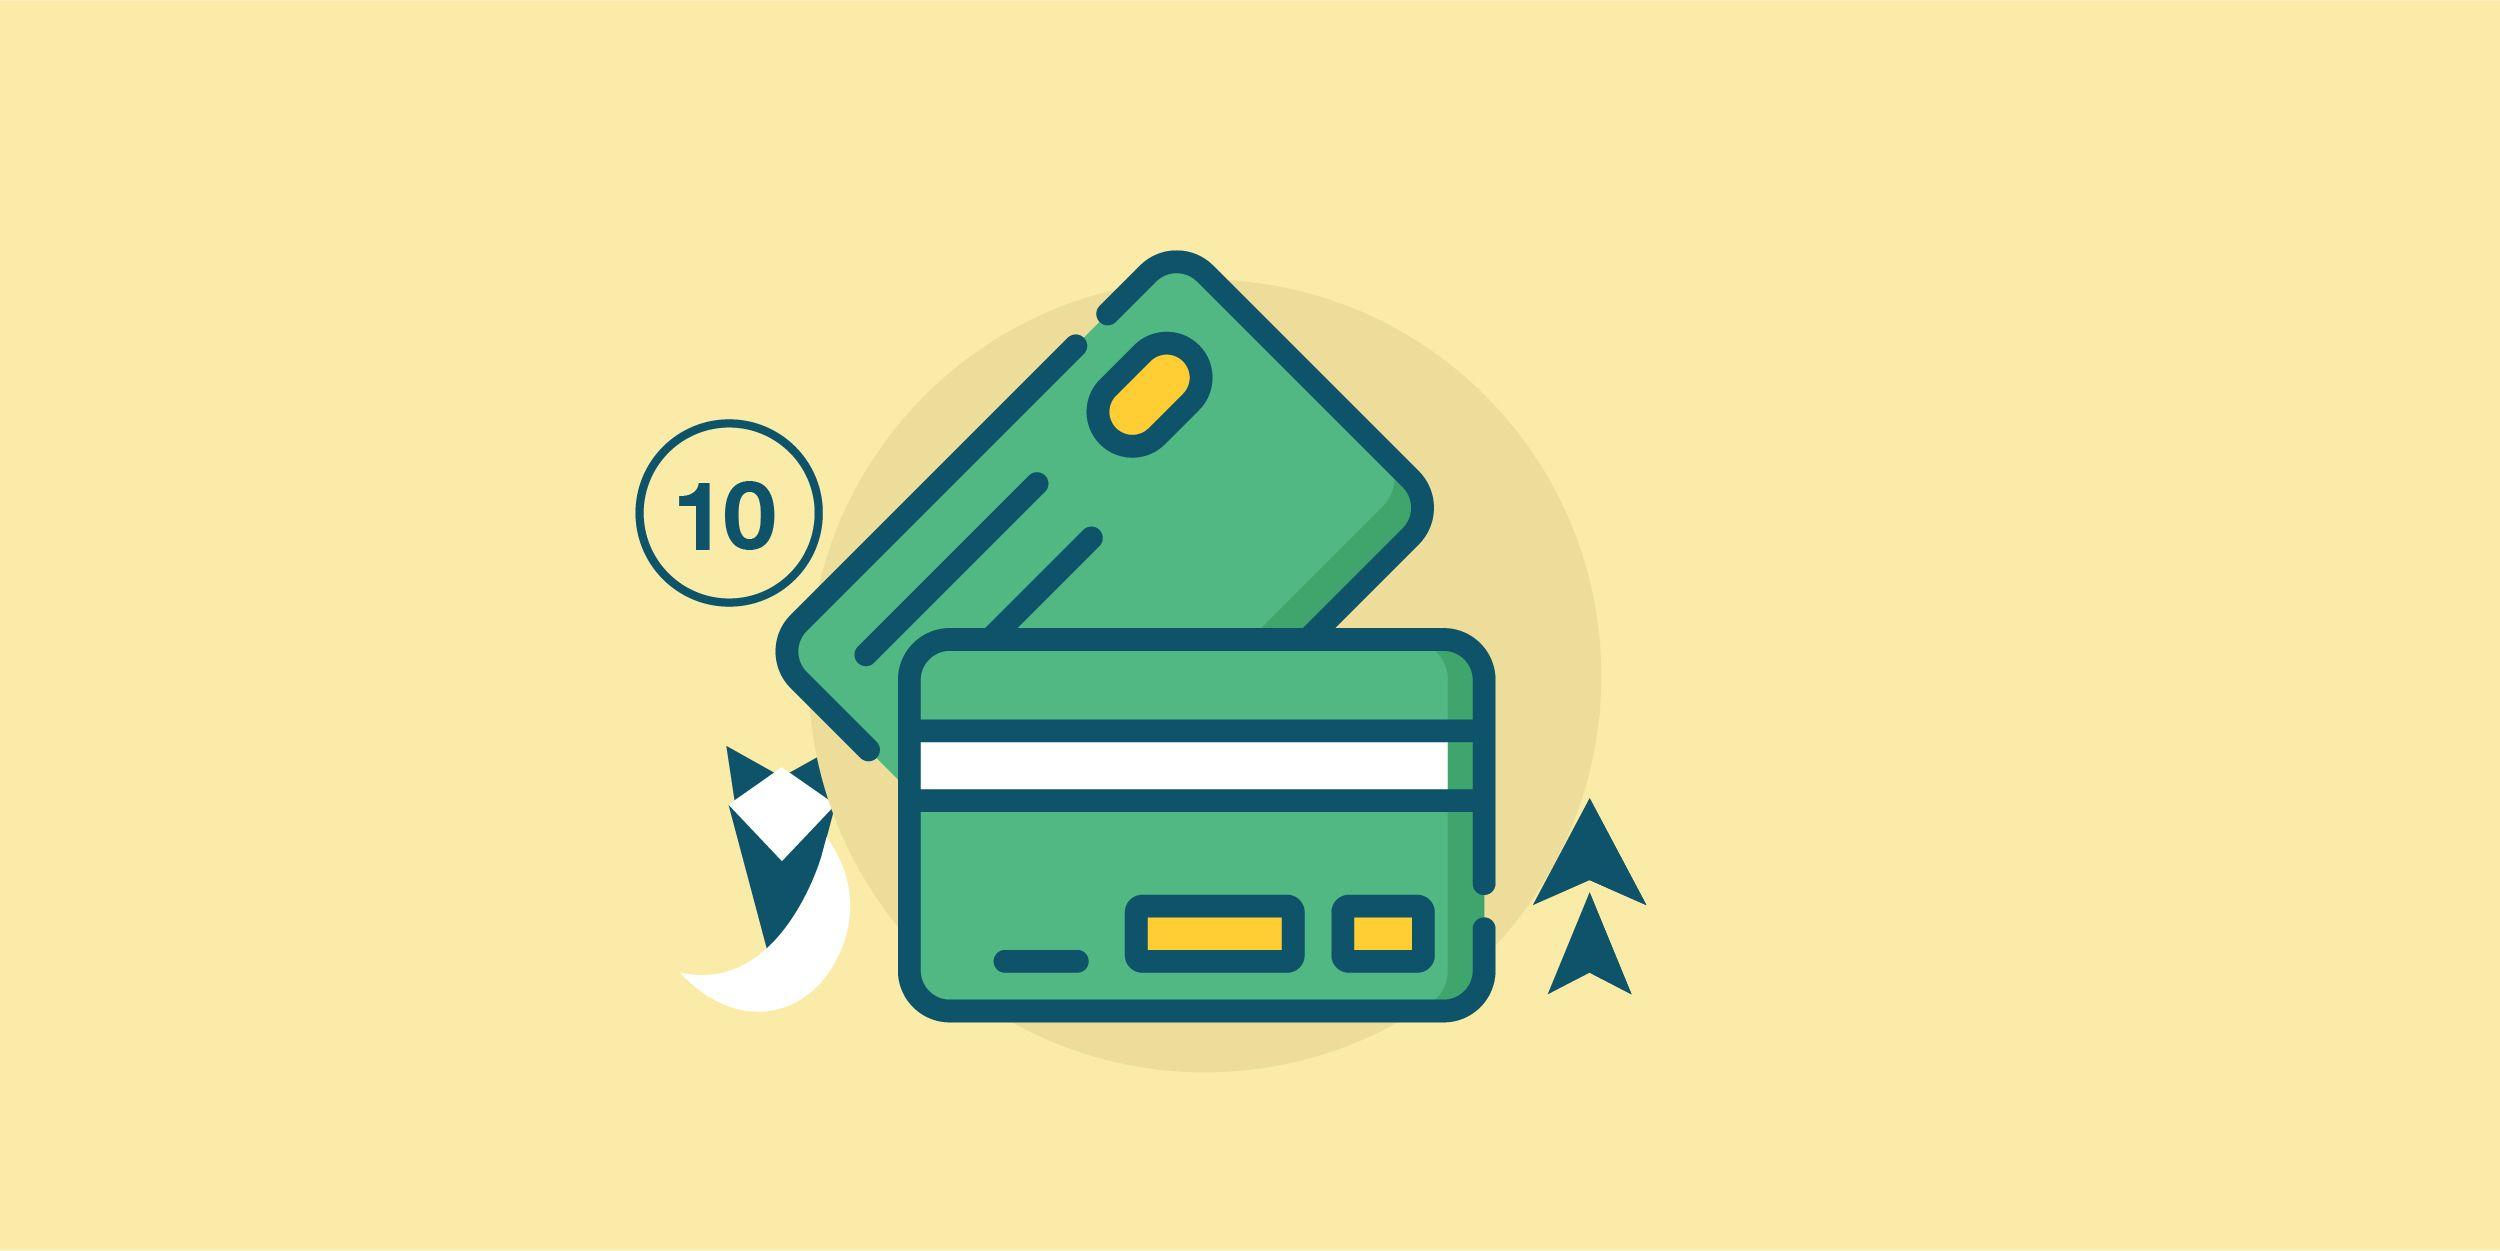 أعلى 10 بطاقات ائتمان بحد أدنى 50,000 جنيه في شهر أغسطس 2021